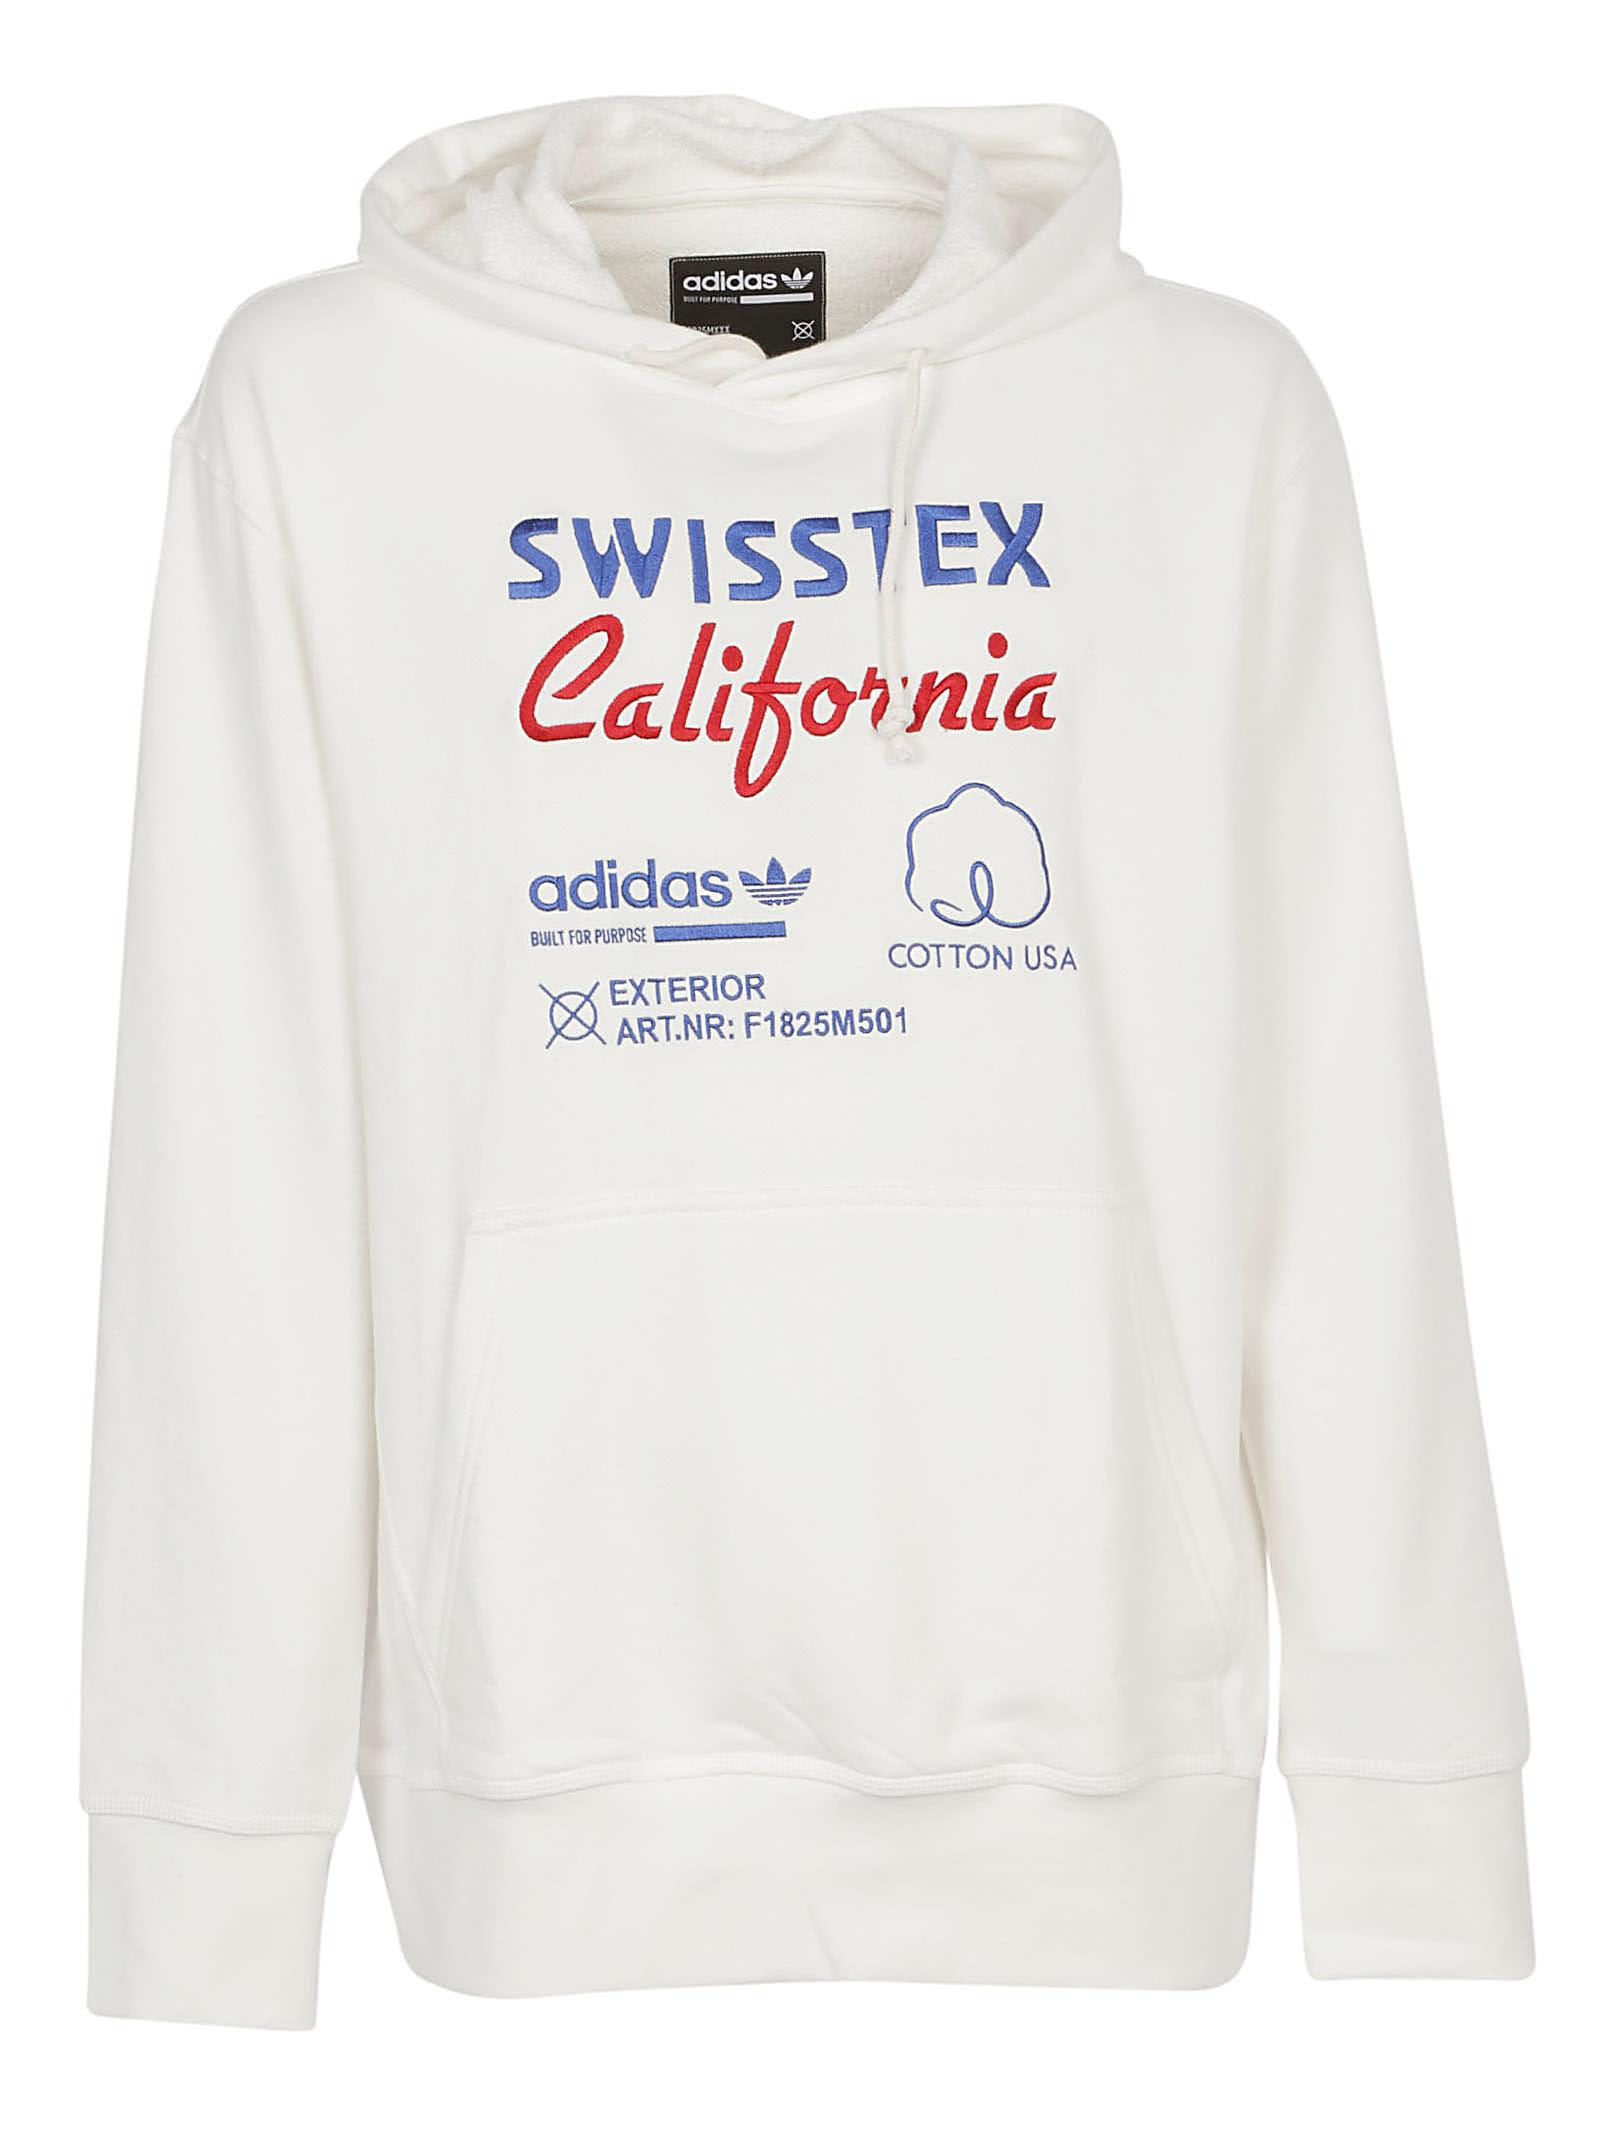 0d15ca3a Adidas Adidas Kaval Fz Hoodie - Cloud white - 10709289 | italist